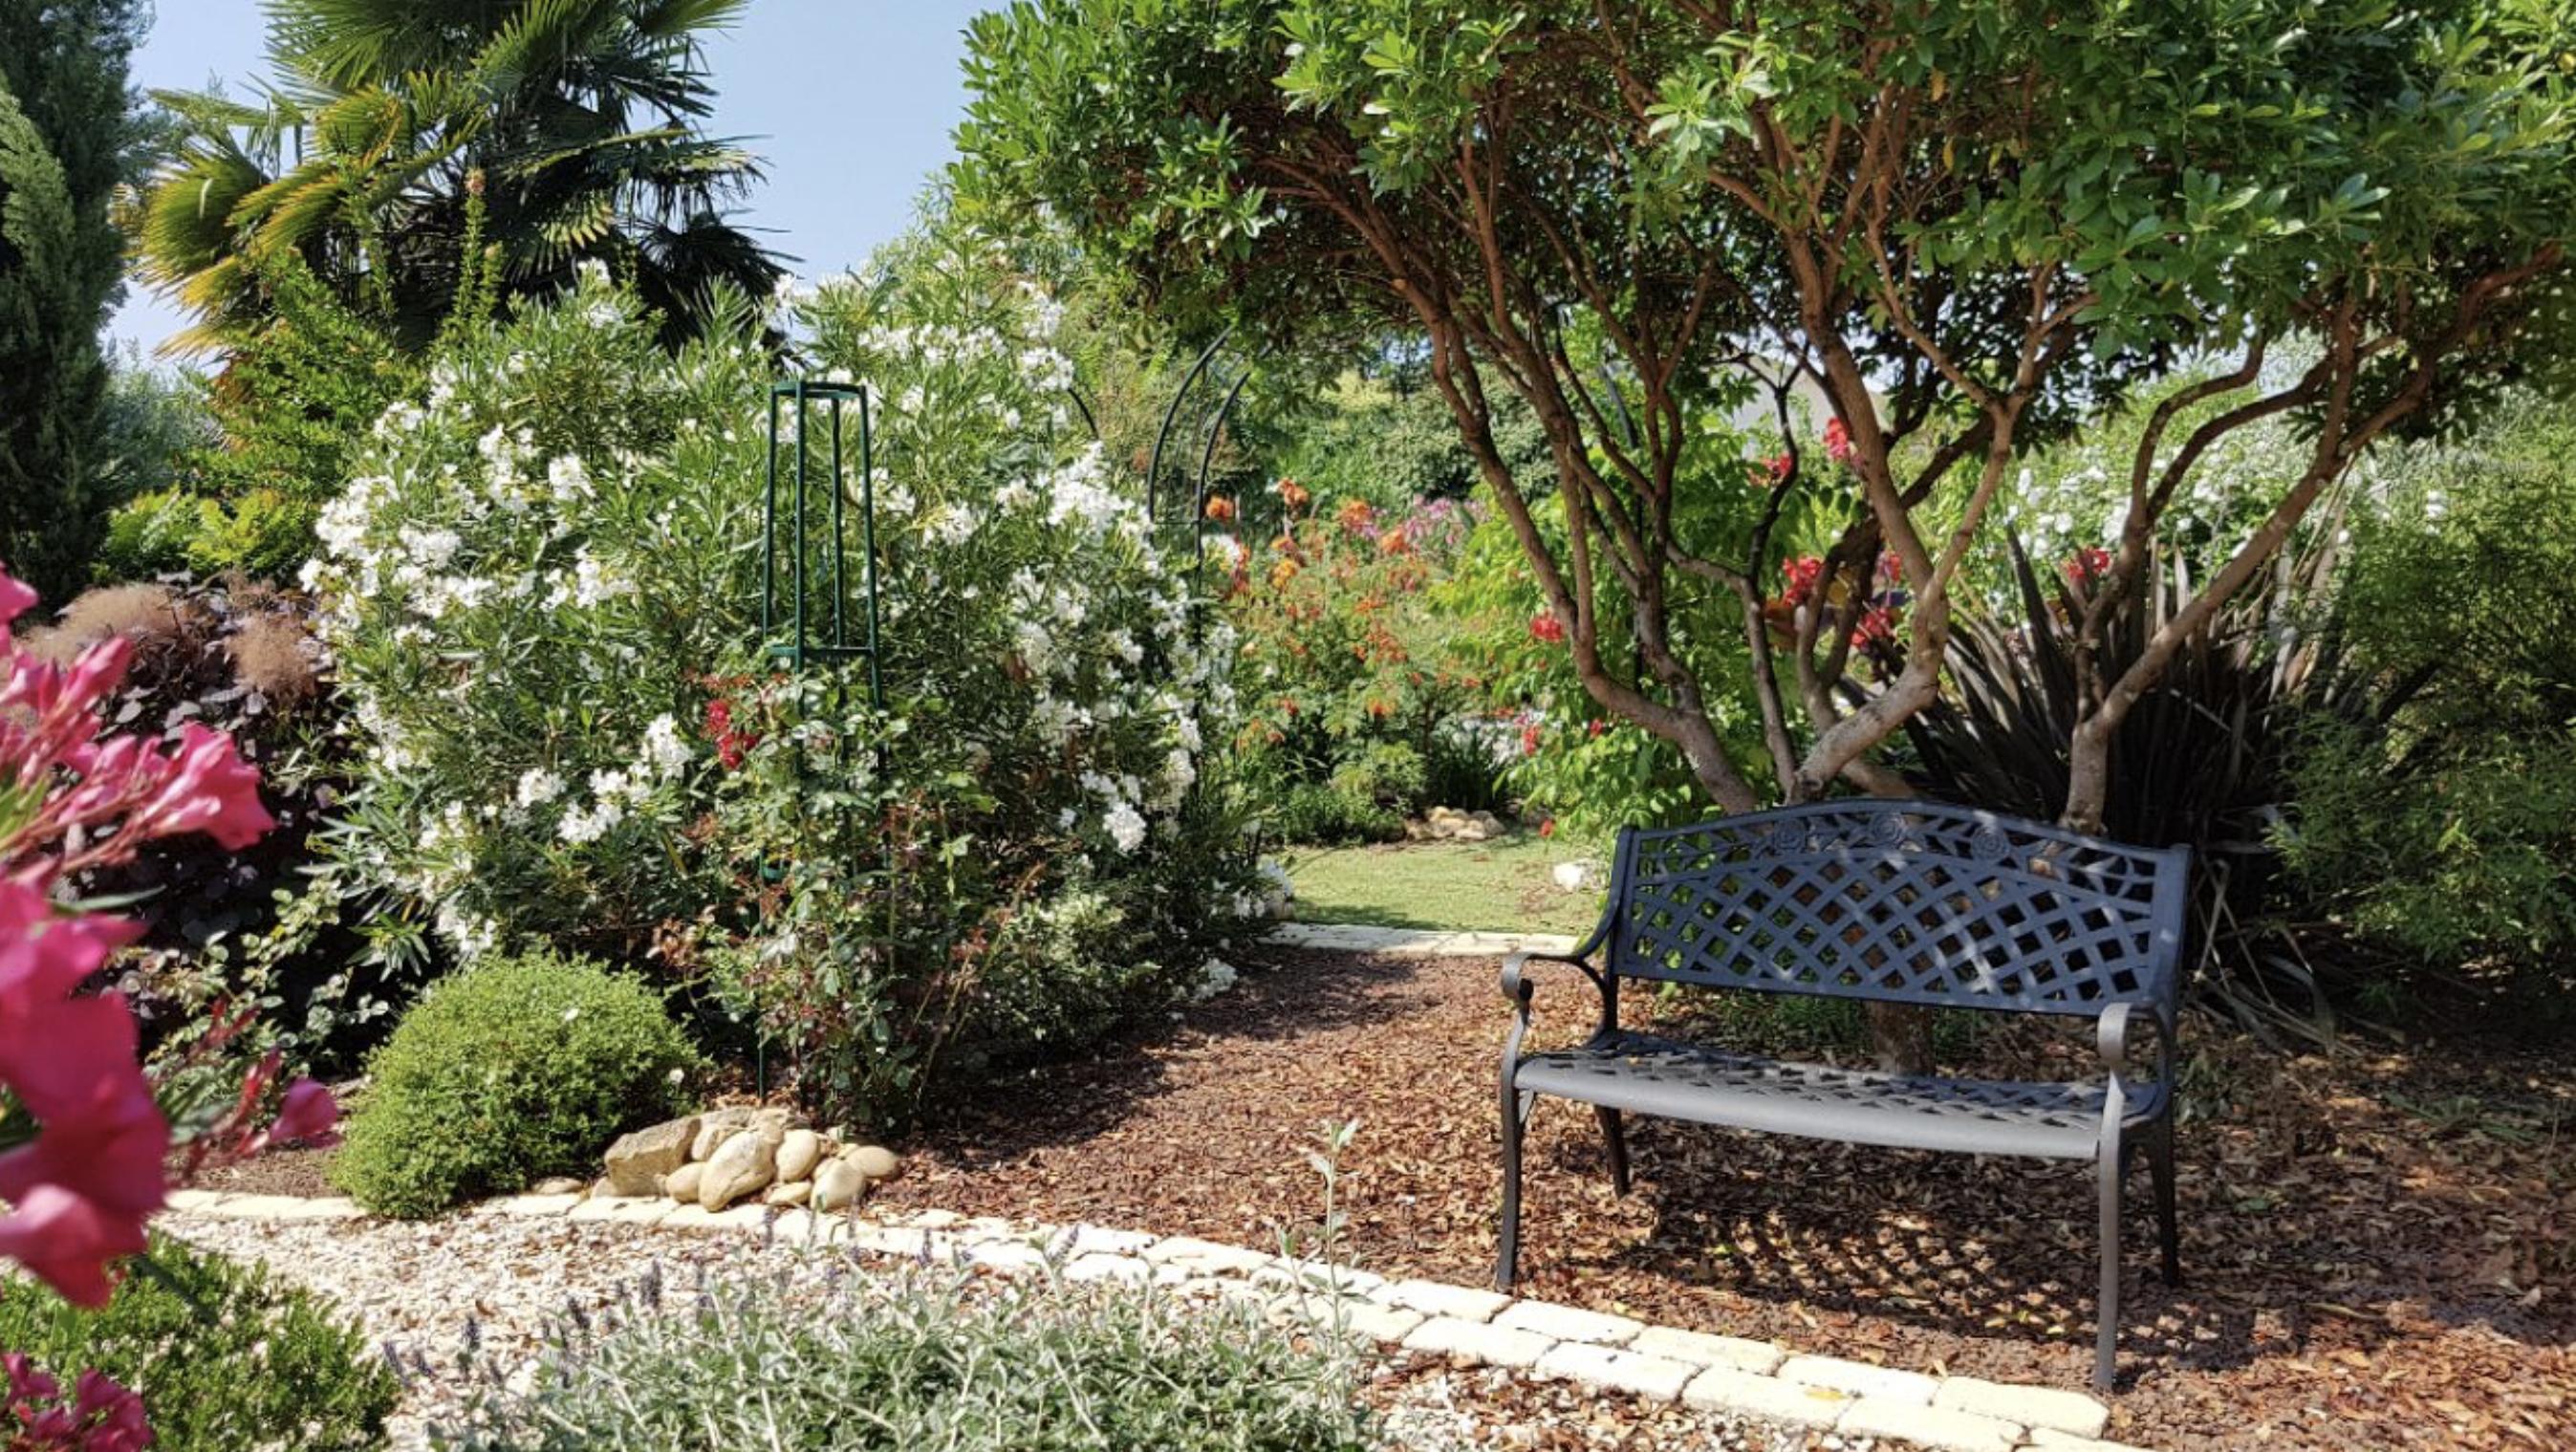 The Garden Bench As A Focal Point